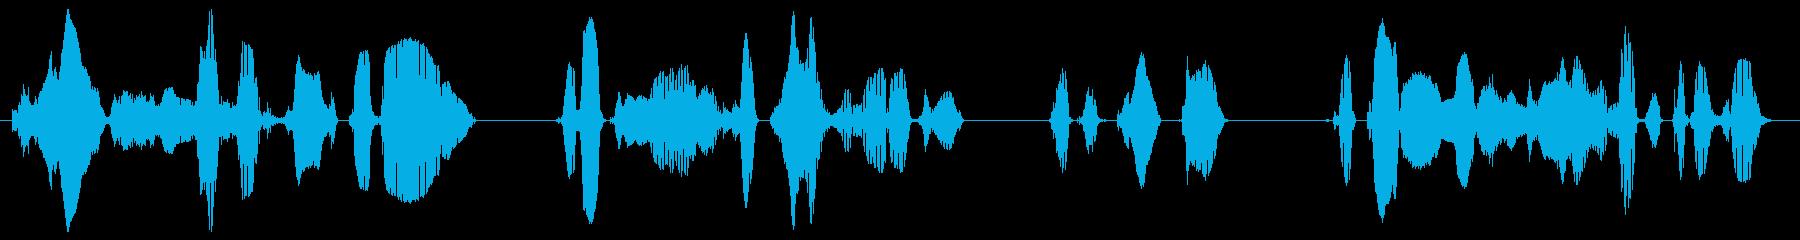 強い地震が発生した場合、ただちにはお席…の再生済みの波形